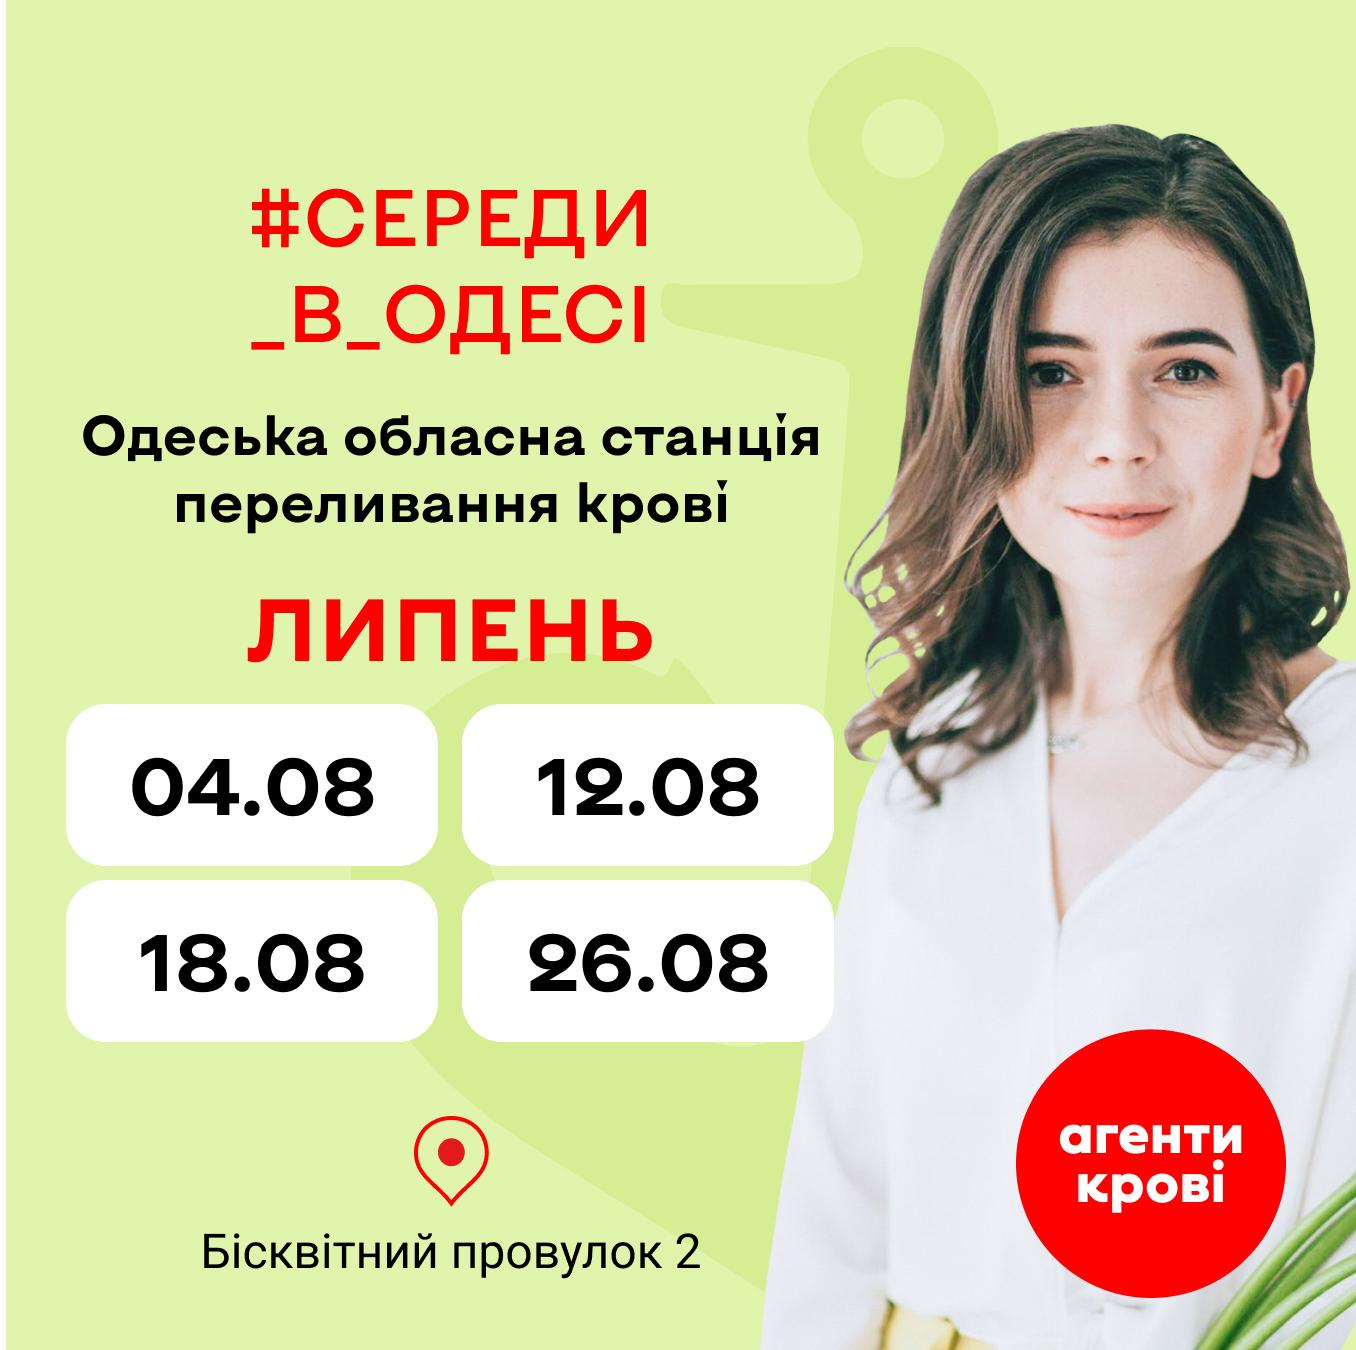 [Агенти крові] Середи в Одесі  25.08.2021